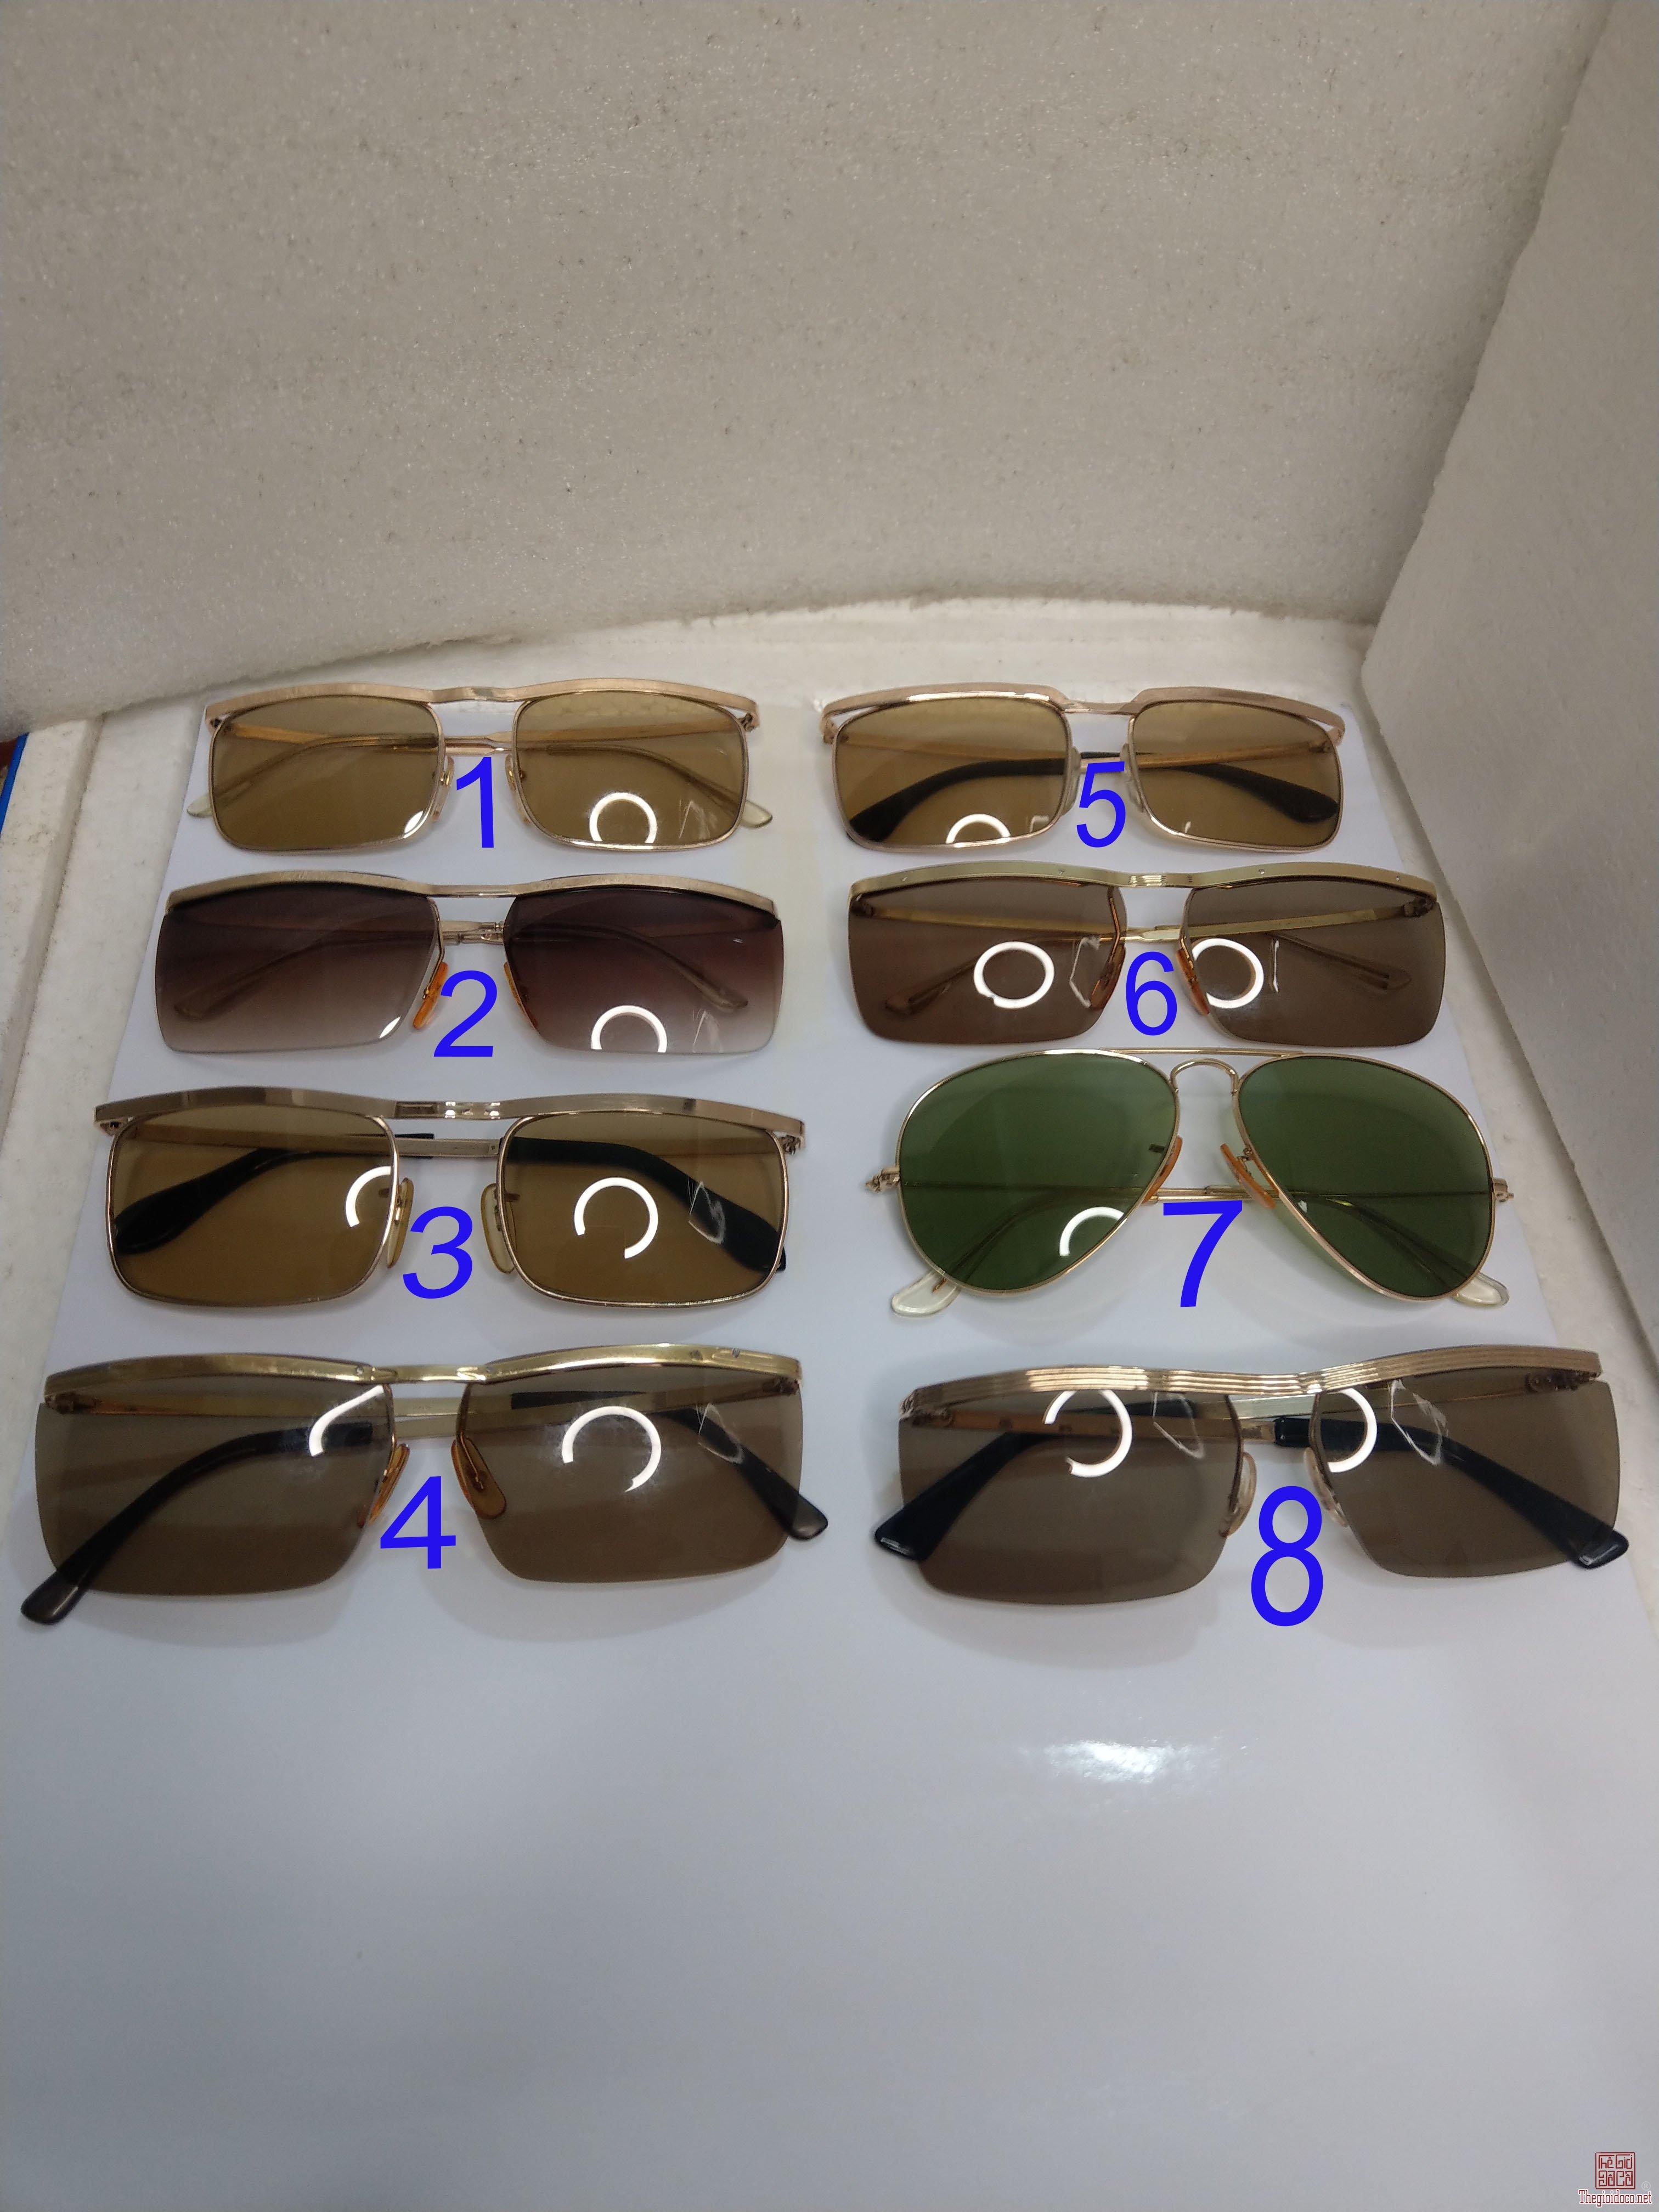 Có 8 cái kính cổ mạ vàng bọc vàng có đầy đủ các thương hiệu nổi tiếng trên toàn thế giới...